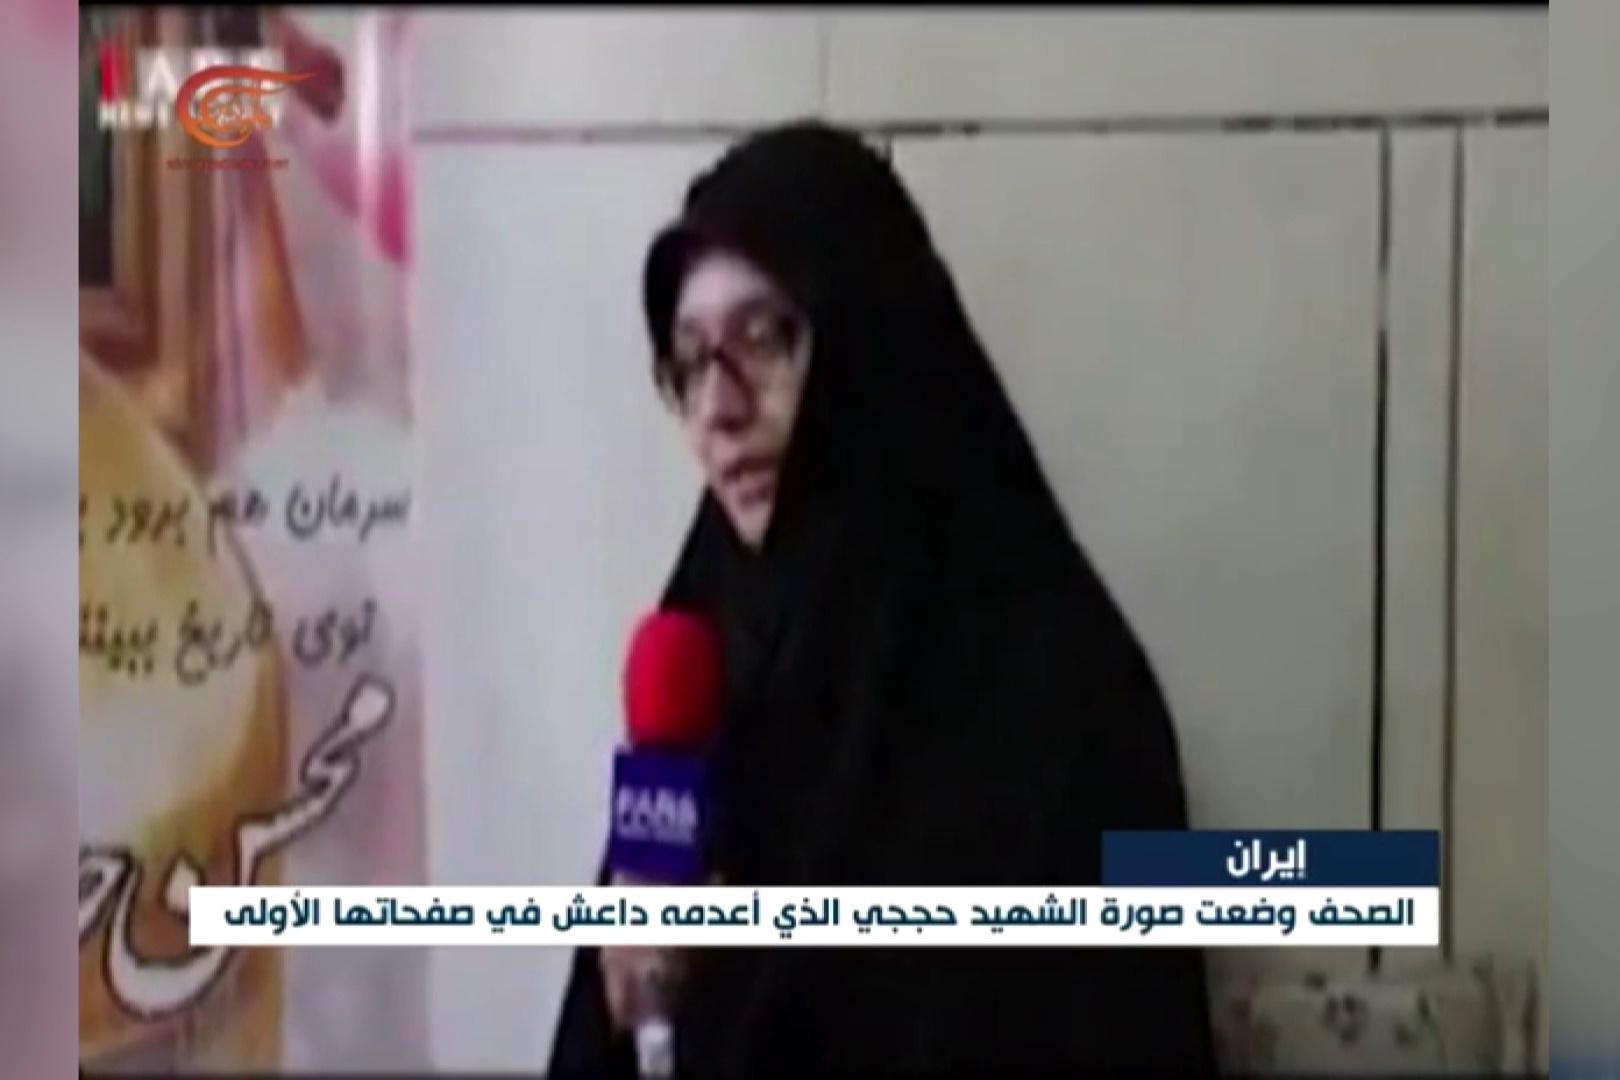 فیلم | روایت جالب شبکه المیادین از شهادت محسن حججی و بازتاب آن در ایران